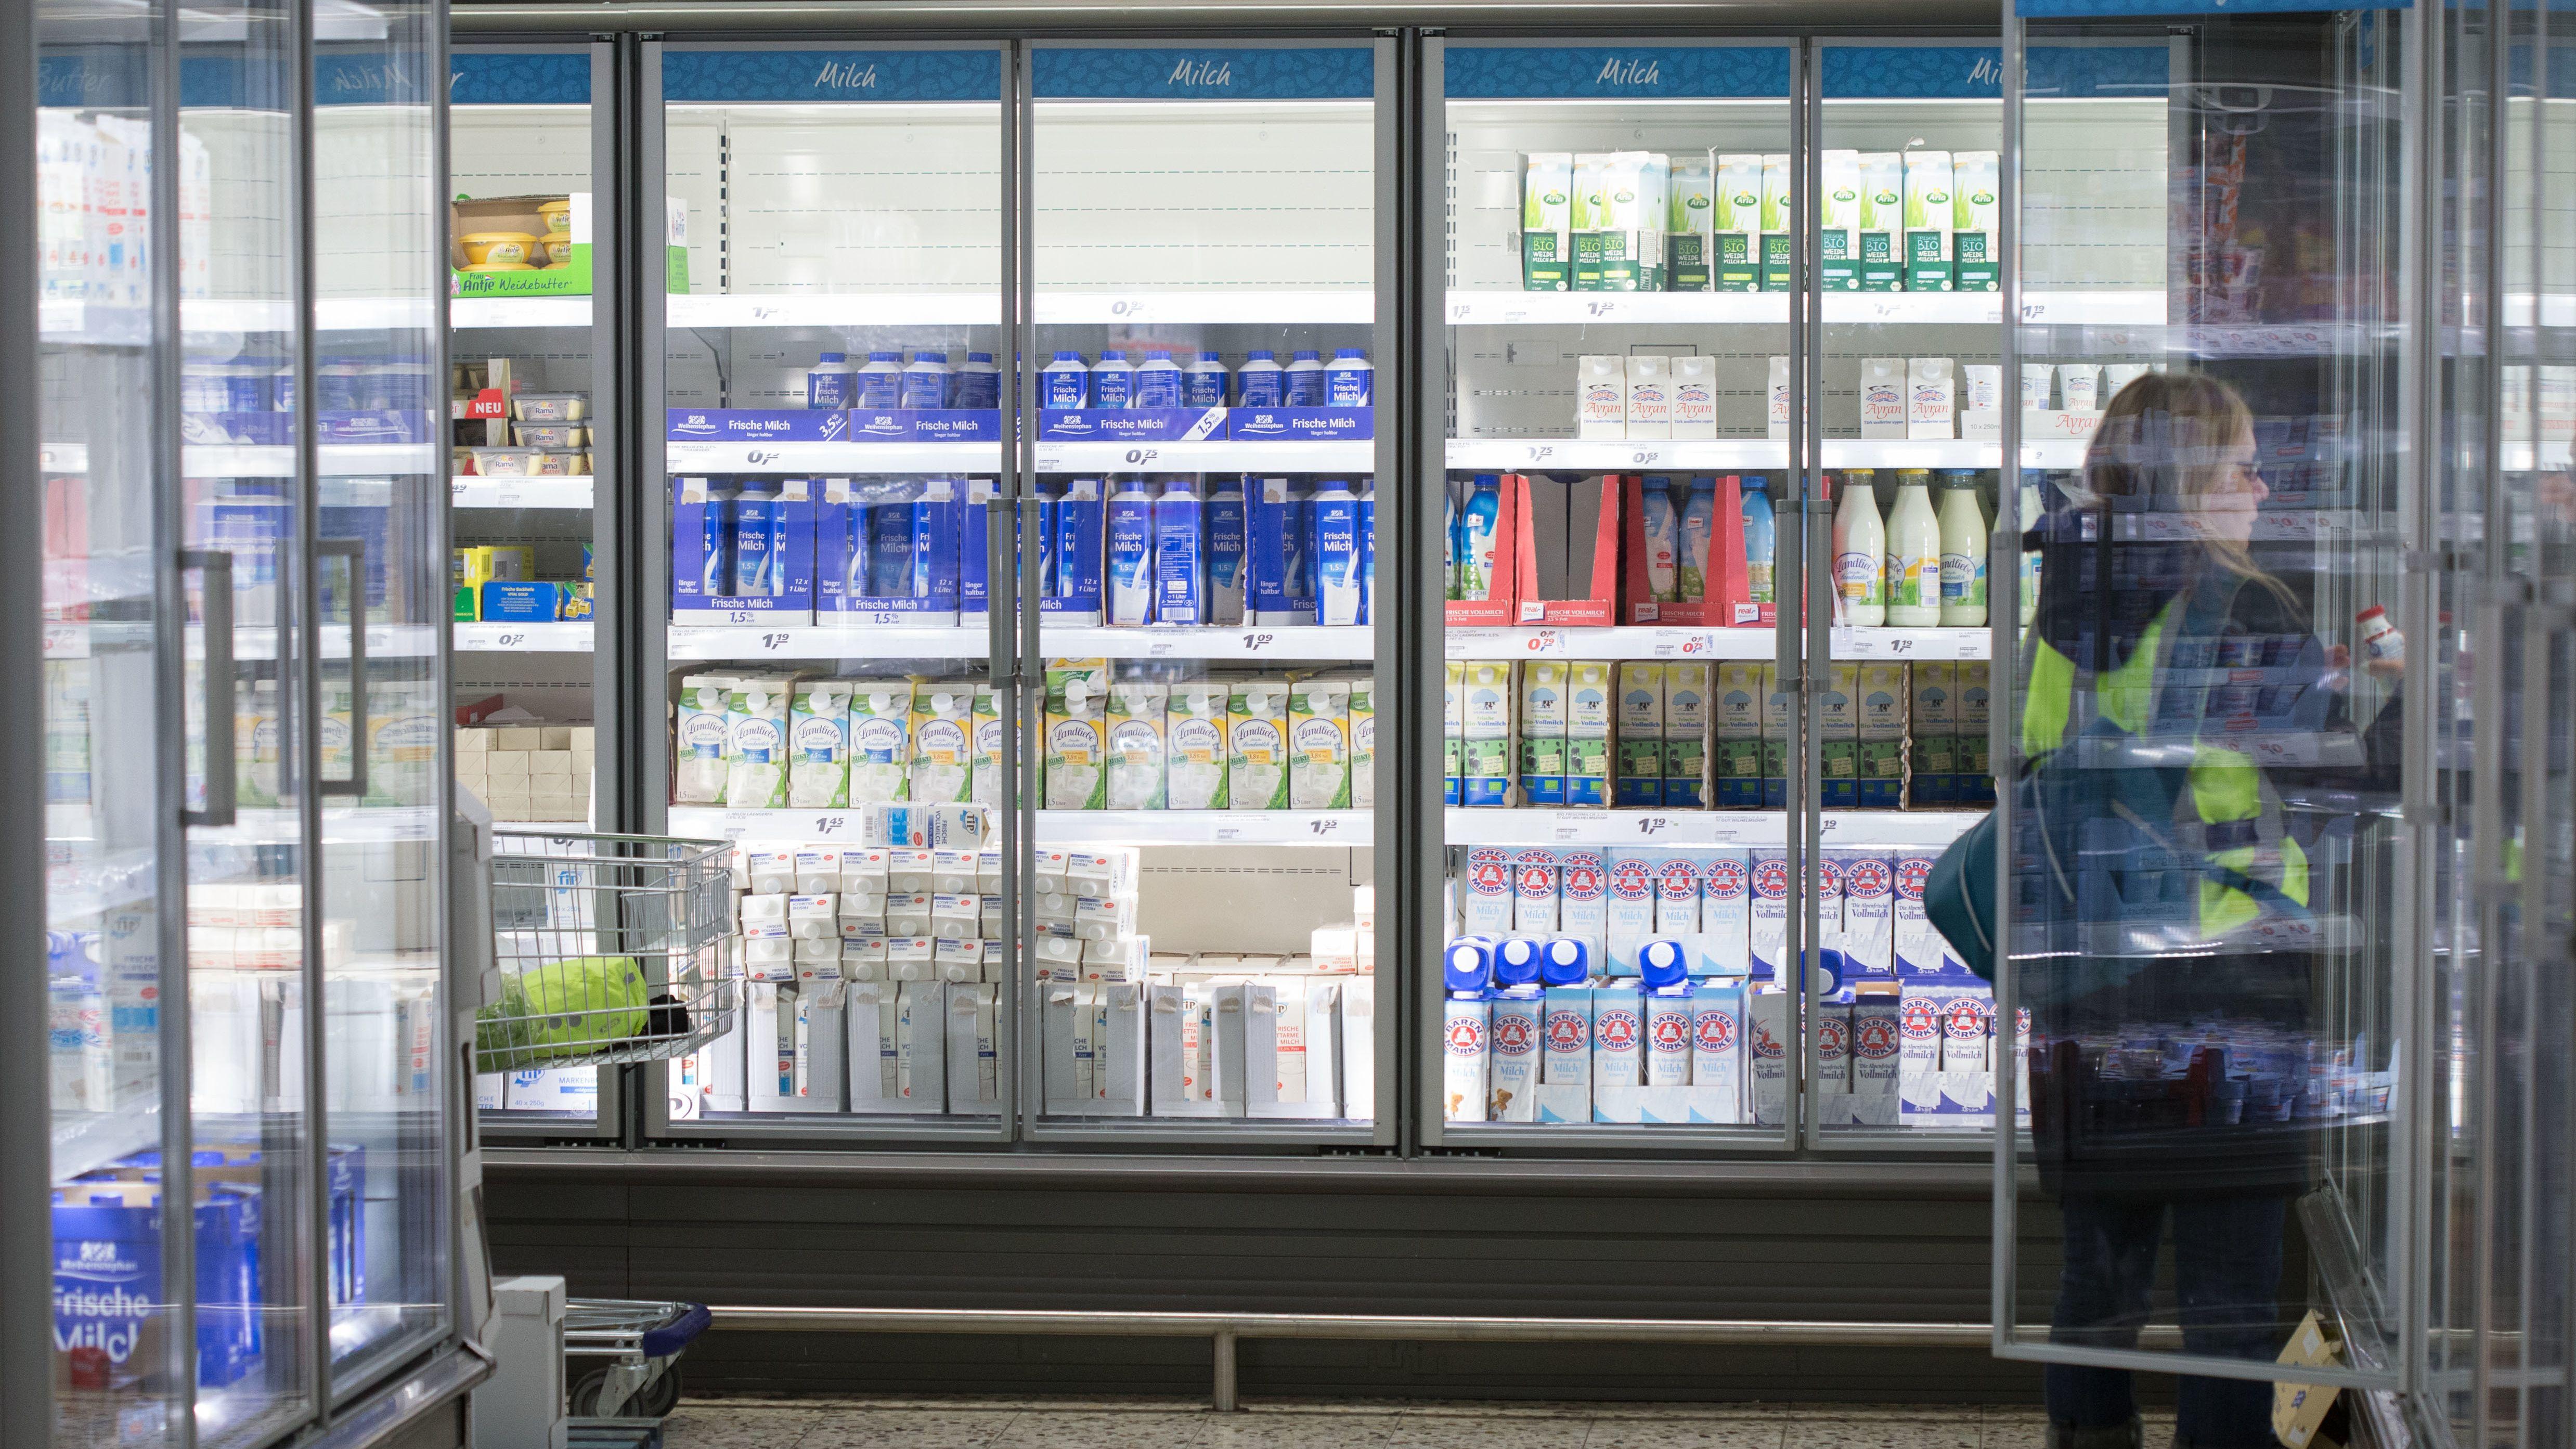 Eine Supermarkt-Kundin vor dem Milch-Regal